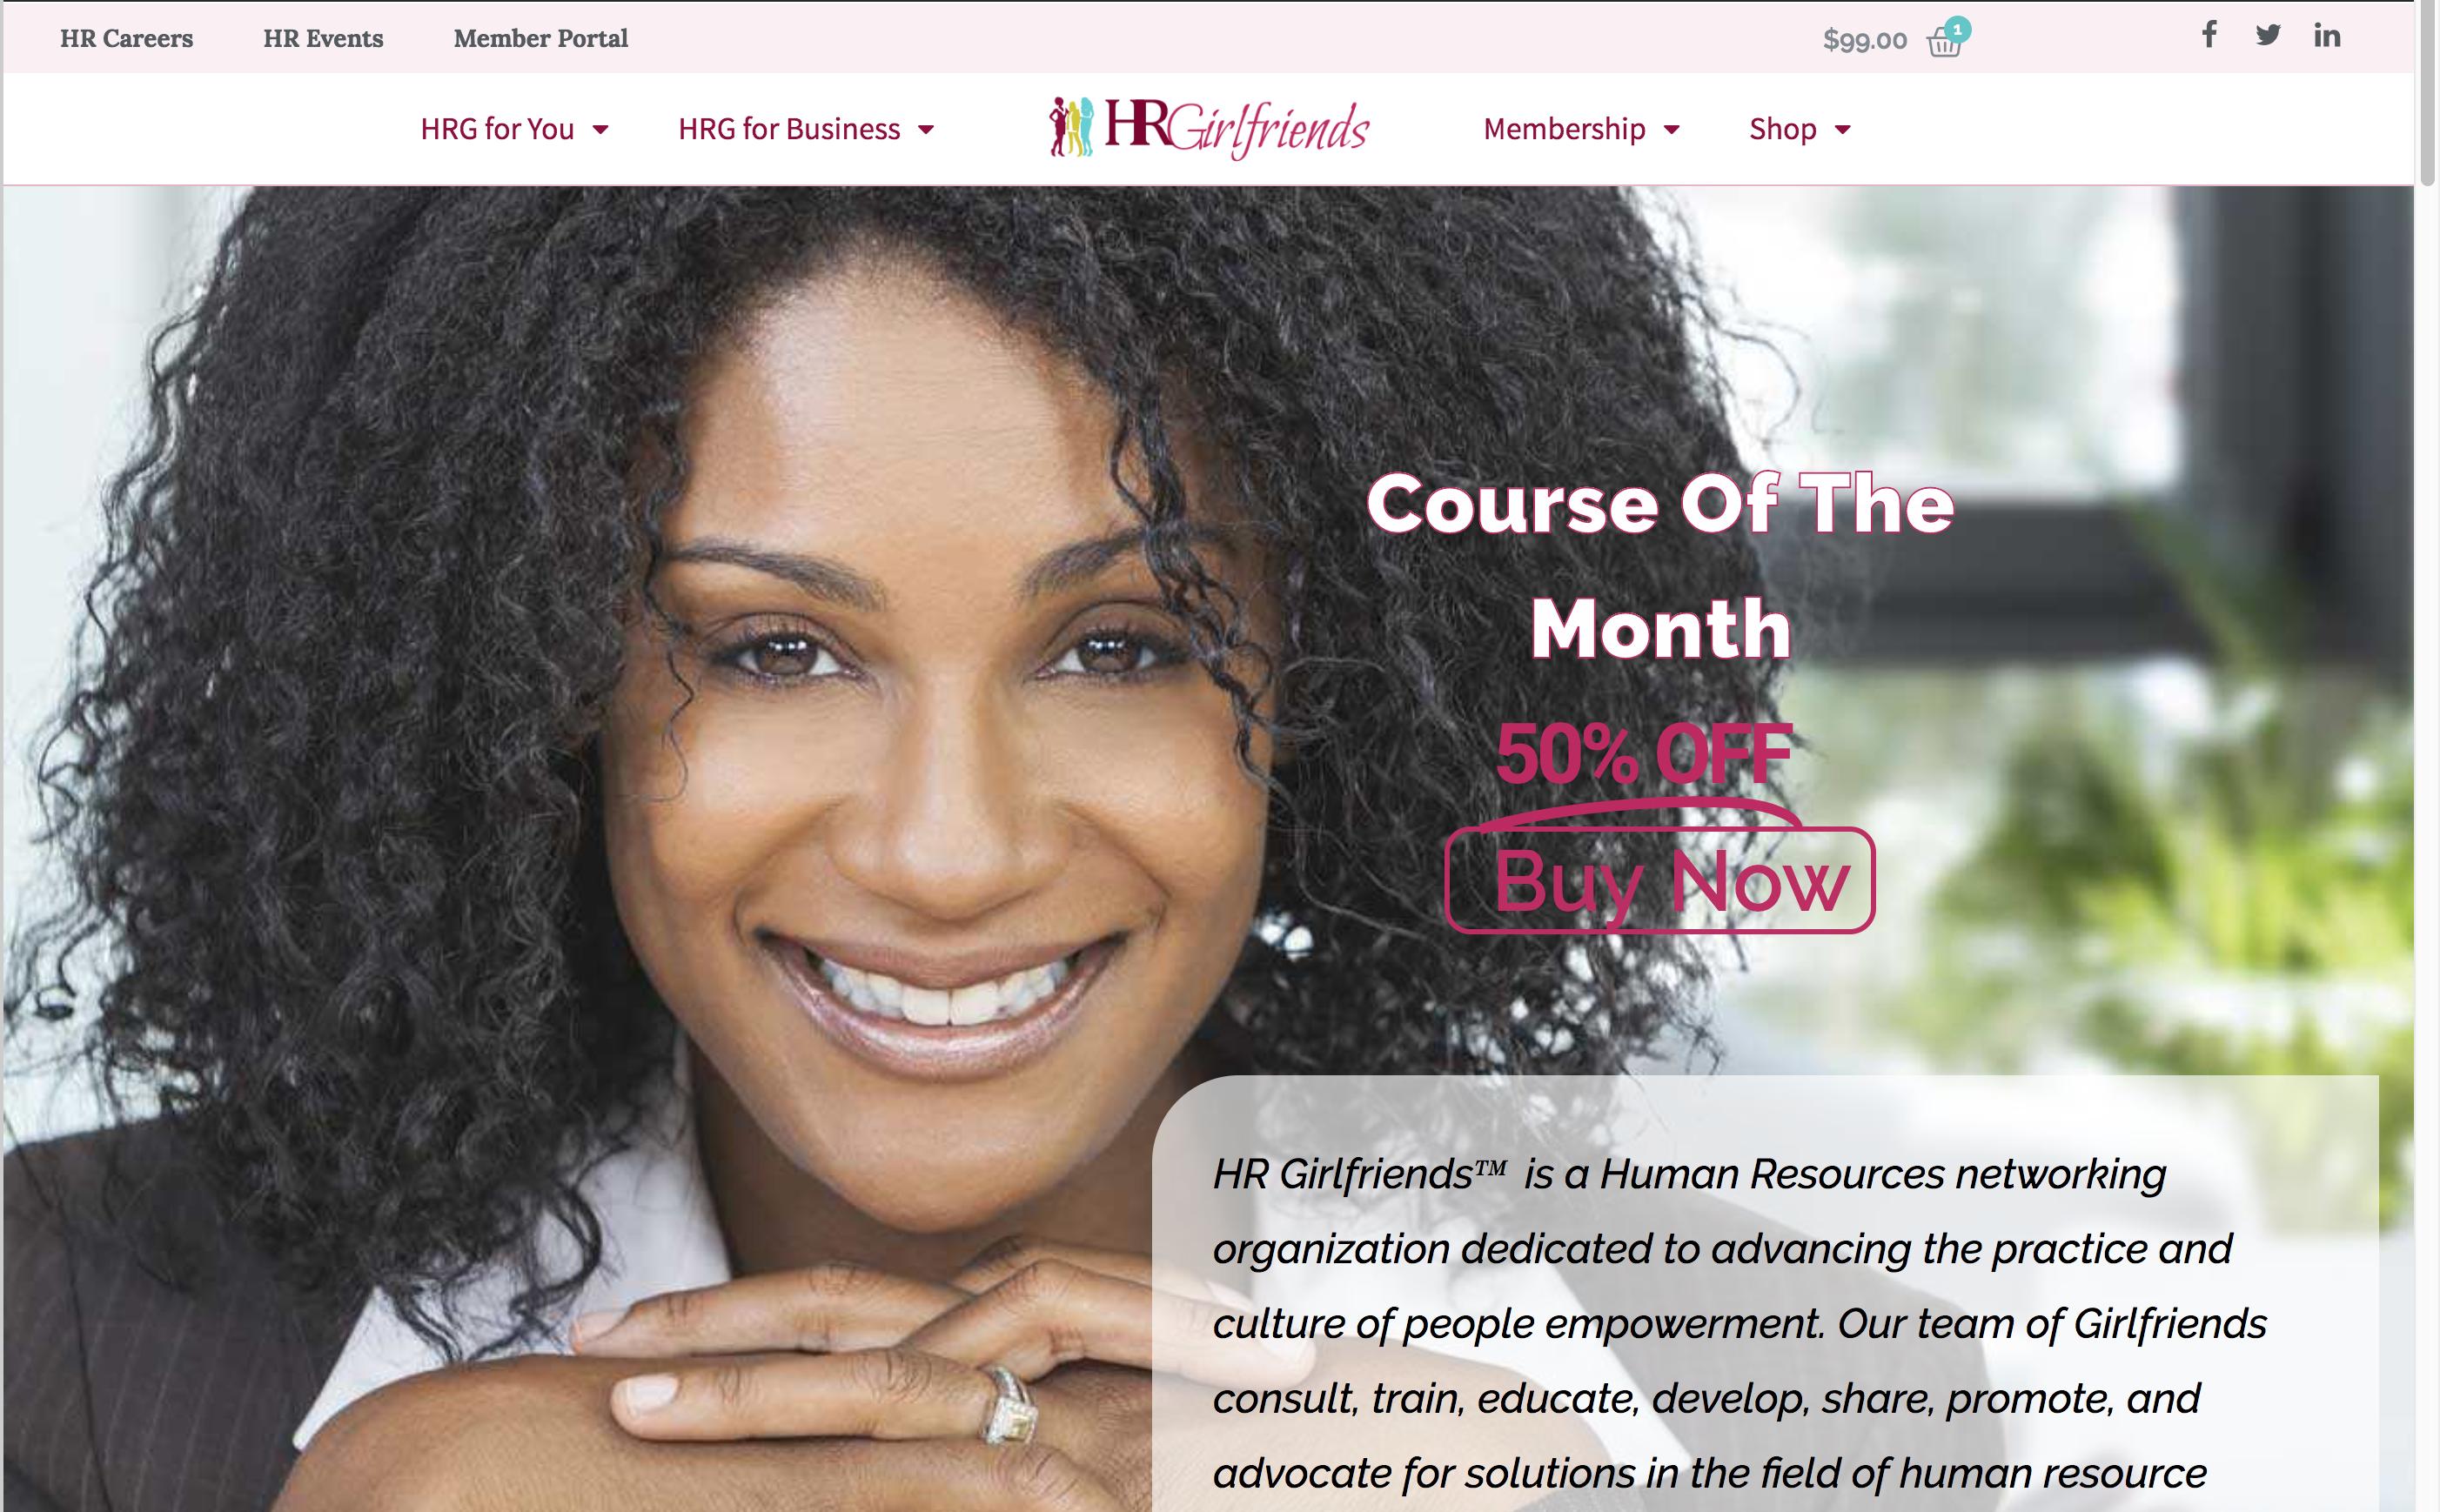 HR Girlfriends Member Management Integrations